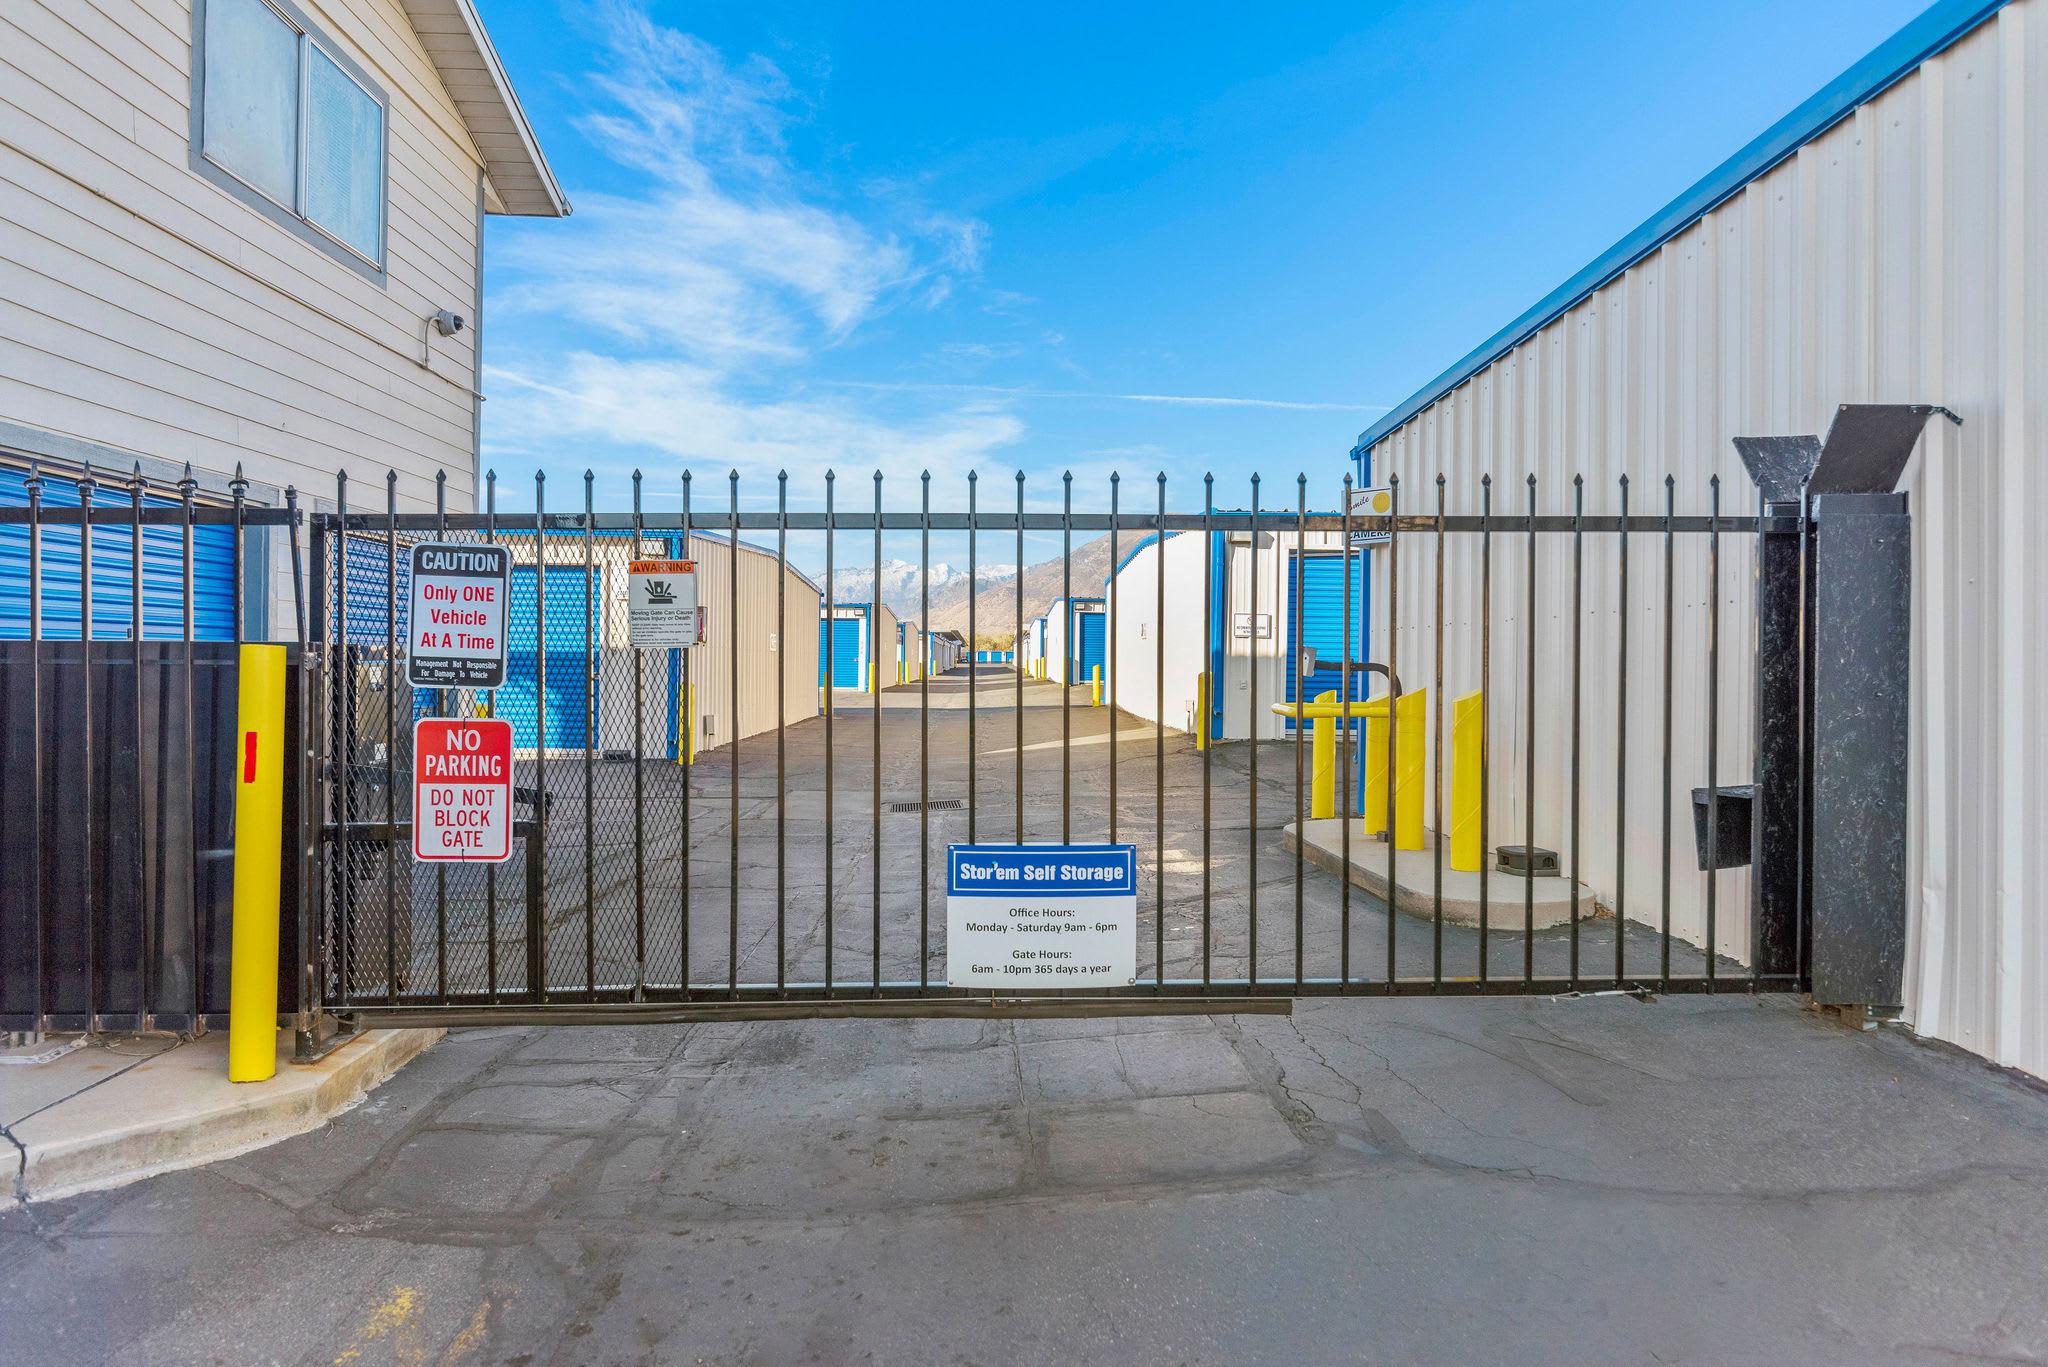 Gaet access at Stor'em Self Storage in Orem, Utah